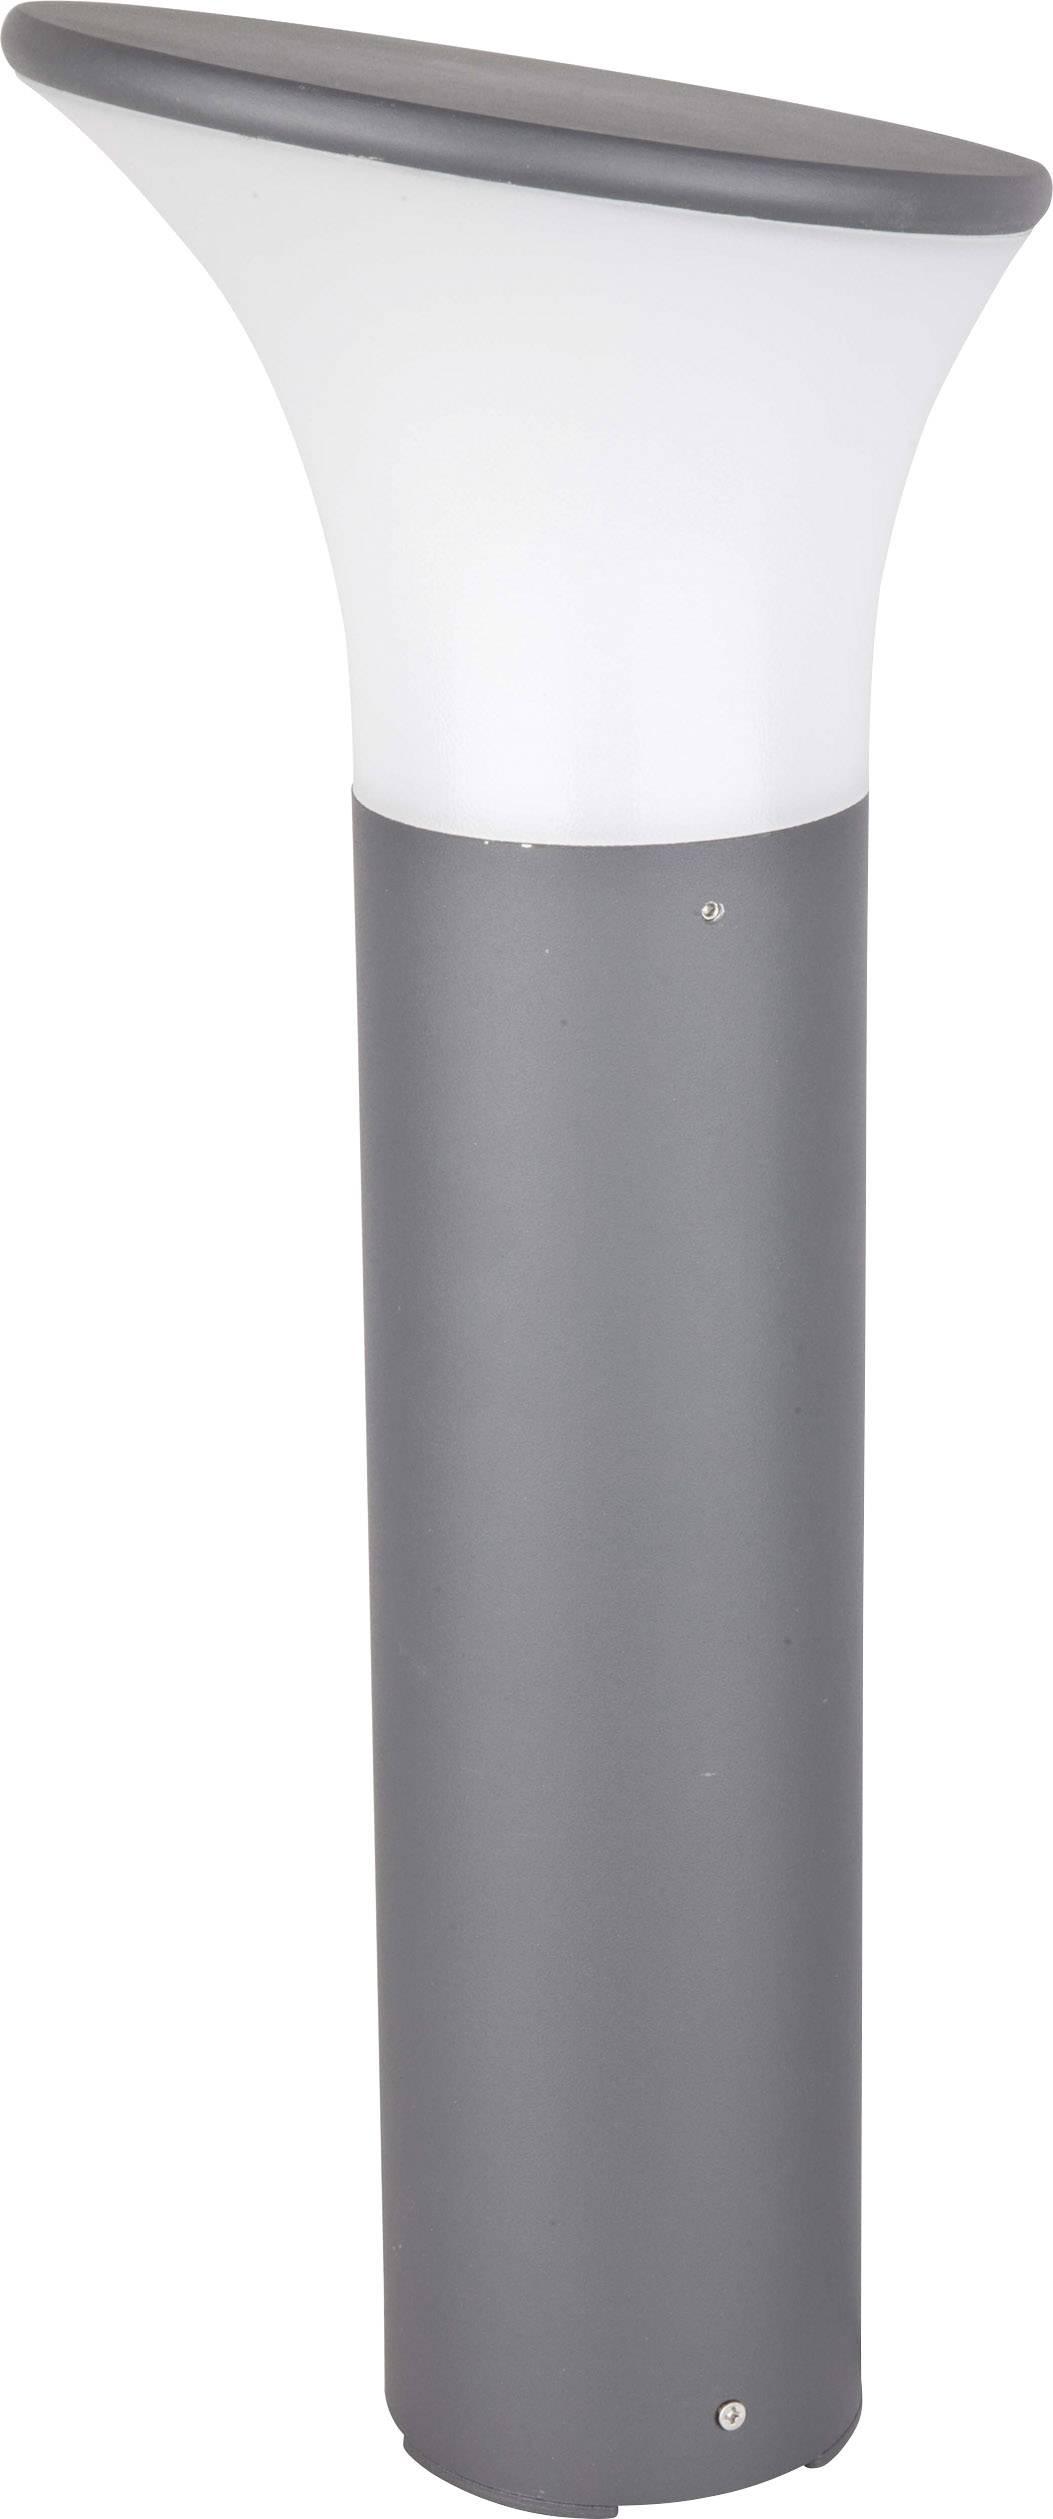 Úsporná žiarovka vonkajšiestojanovéosvetlenie Renkforce Rivoli 1283502, E27, 46 W, závisí na druhu žiarovky, tmavosivá